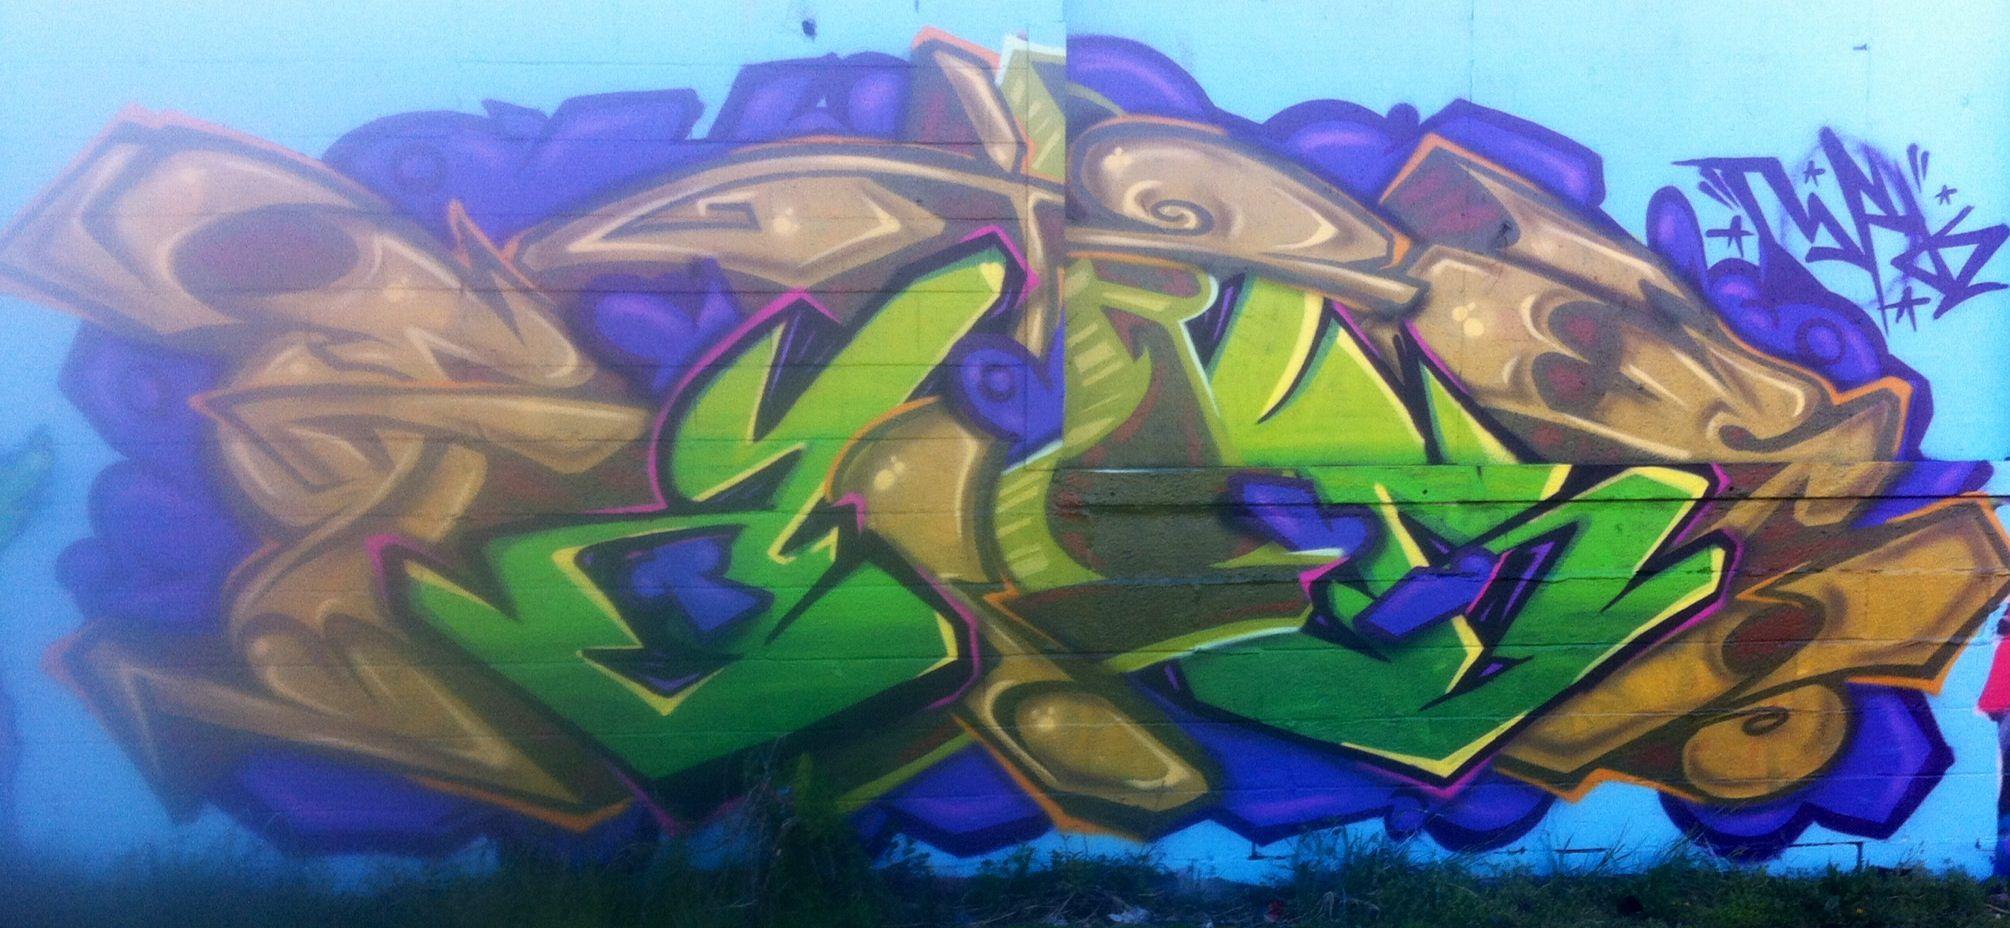 Pin by Leslie Cornett on Graffiti  Pinterest  Graffiti